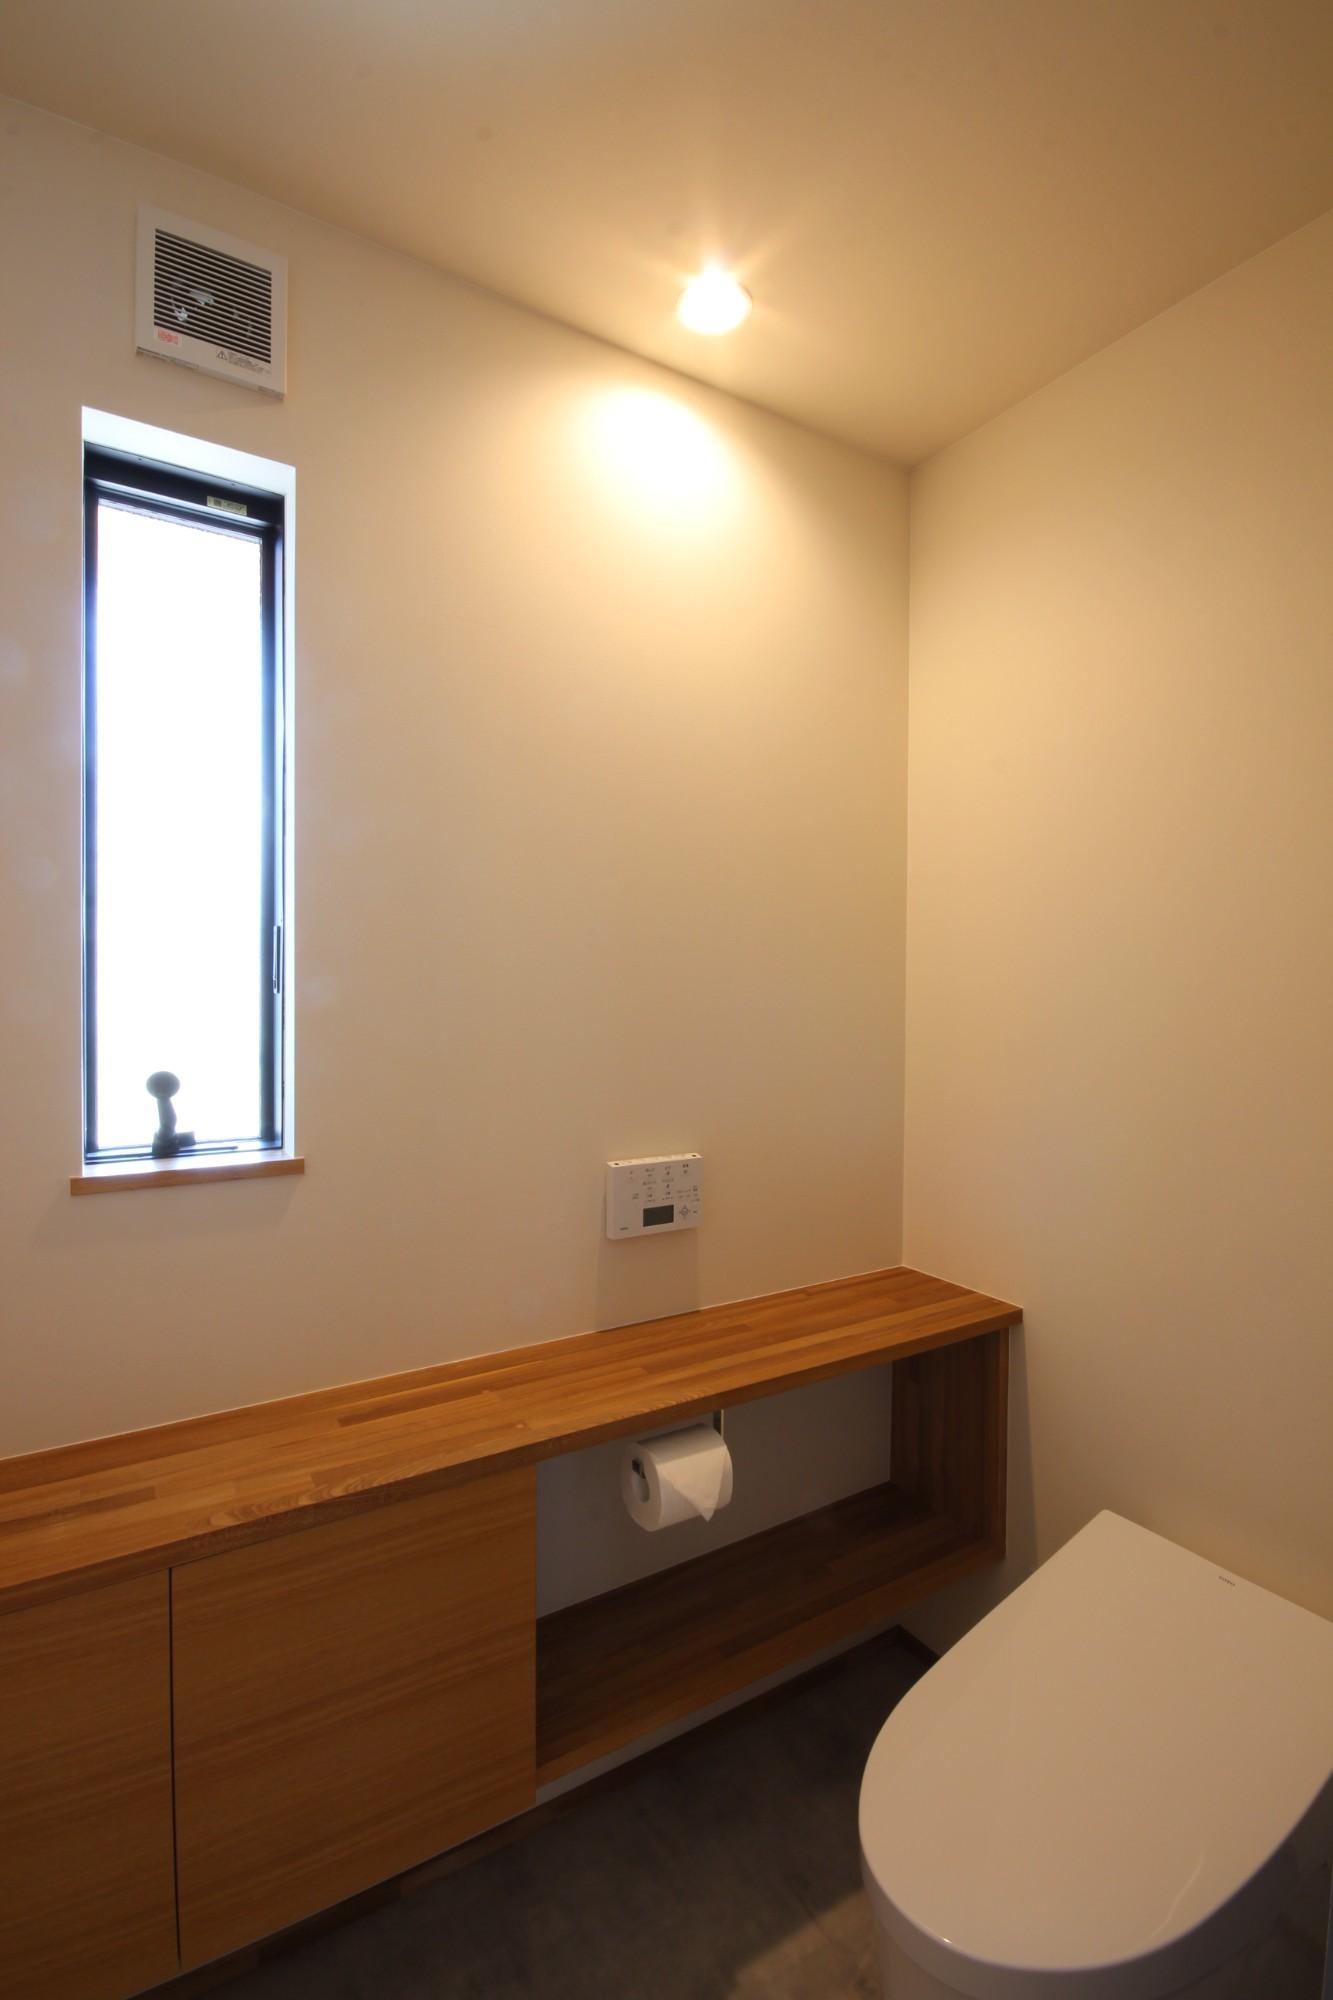 有限会社 市川建築店 1級建築士事務所「オーク床とエッグウォールの調湿住宅(認定低炭素住宅)」のシンプル・ナチュラルなトイレの実例写真